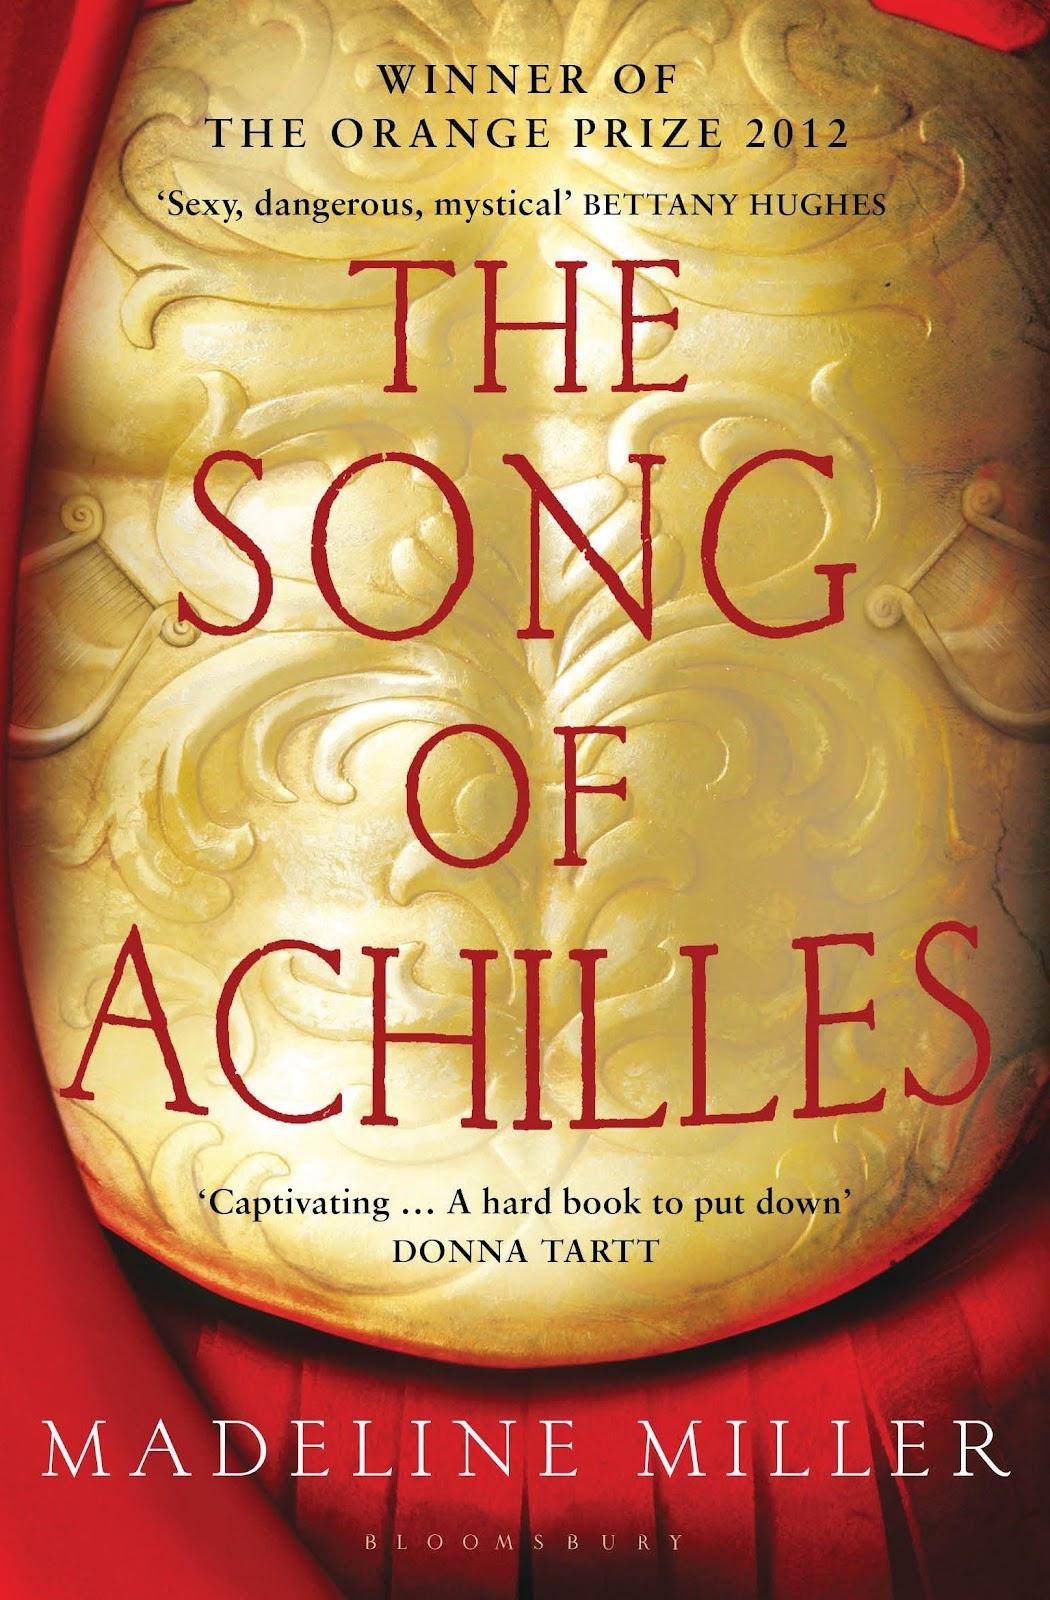 http://www.madelinemiller.com/wp-content/uploads/2012/06/Achilles.jpg